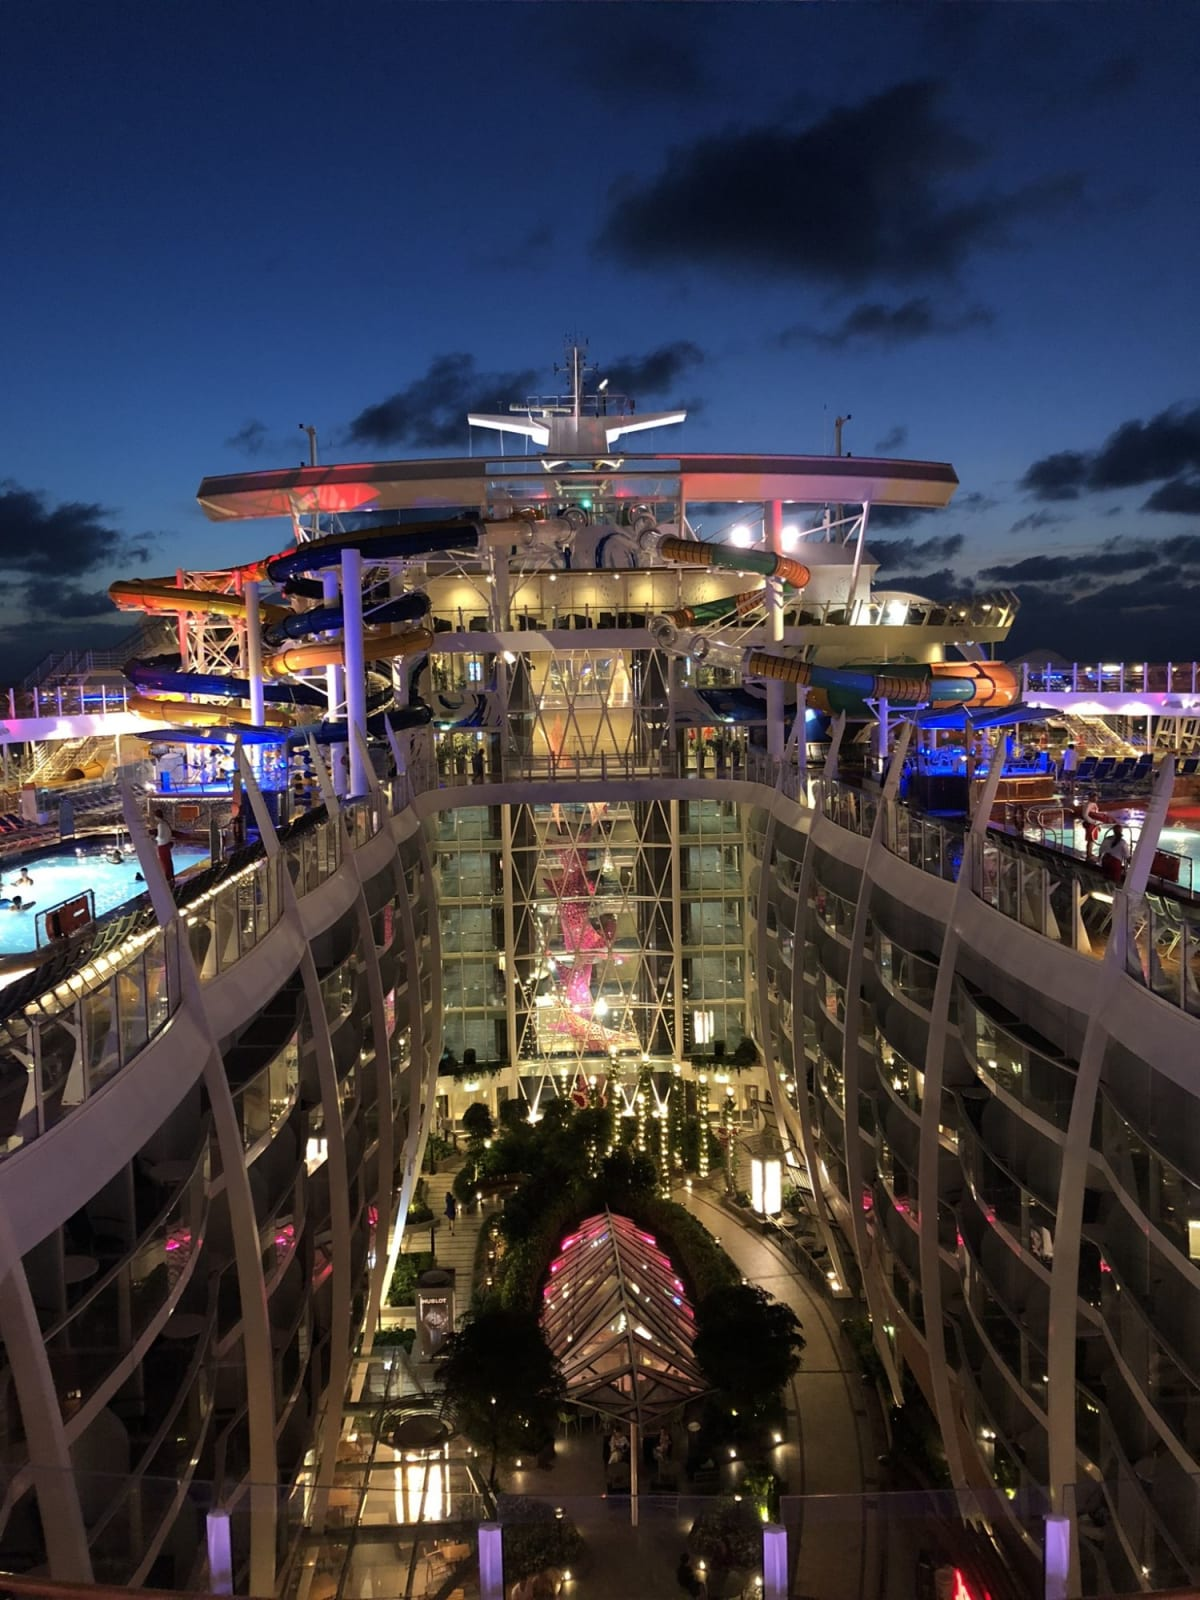 夜の船は、また雰囲気が変わります。   客船ハーモニー・オブ・ザ・シーズの外観、船内施設